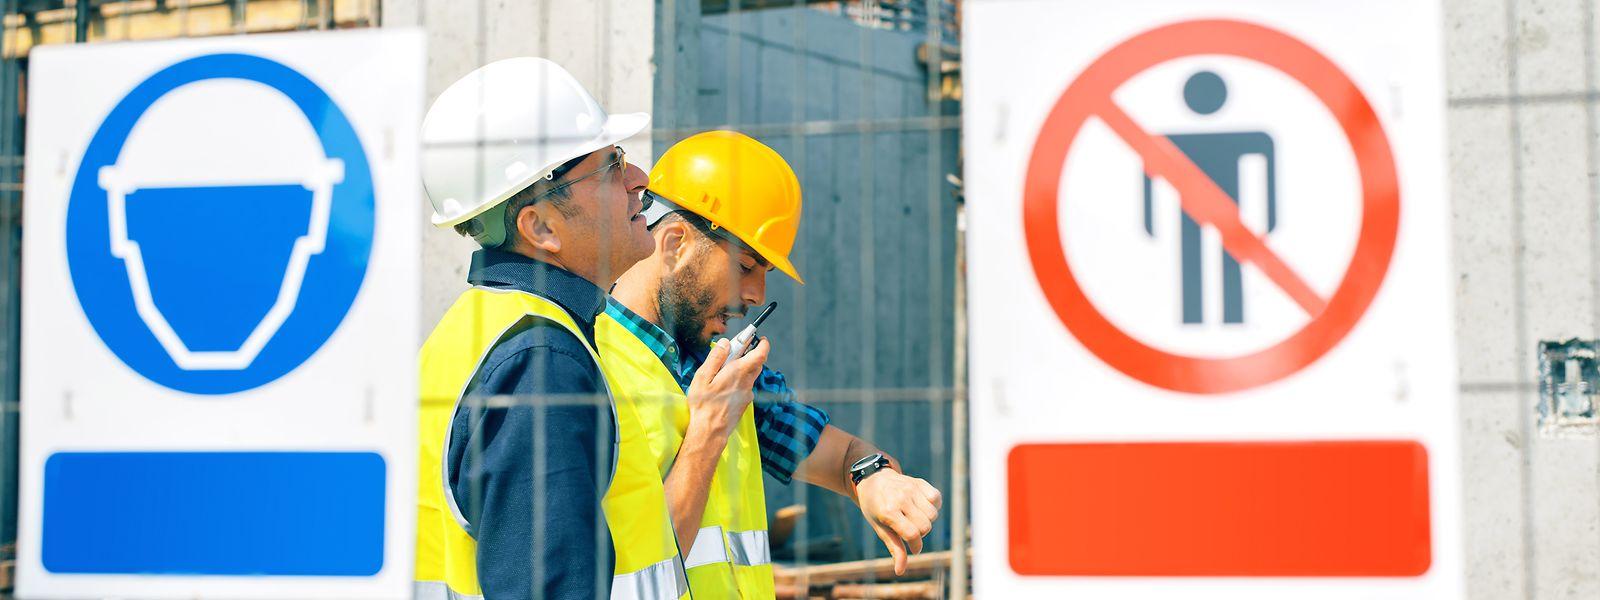 Les contrôles se multiplieront dans les jours à venir sur les chantiers de construction.